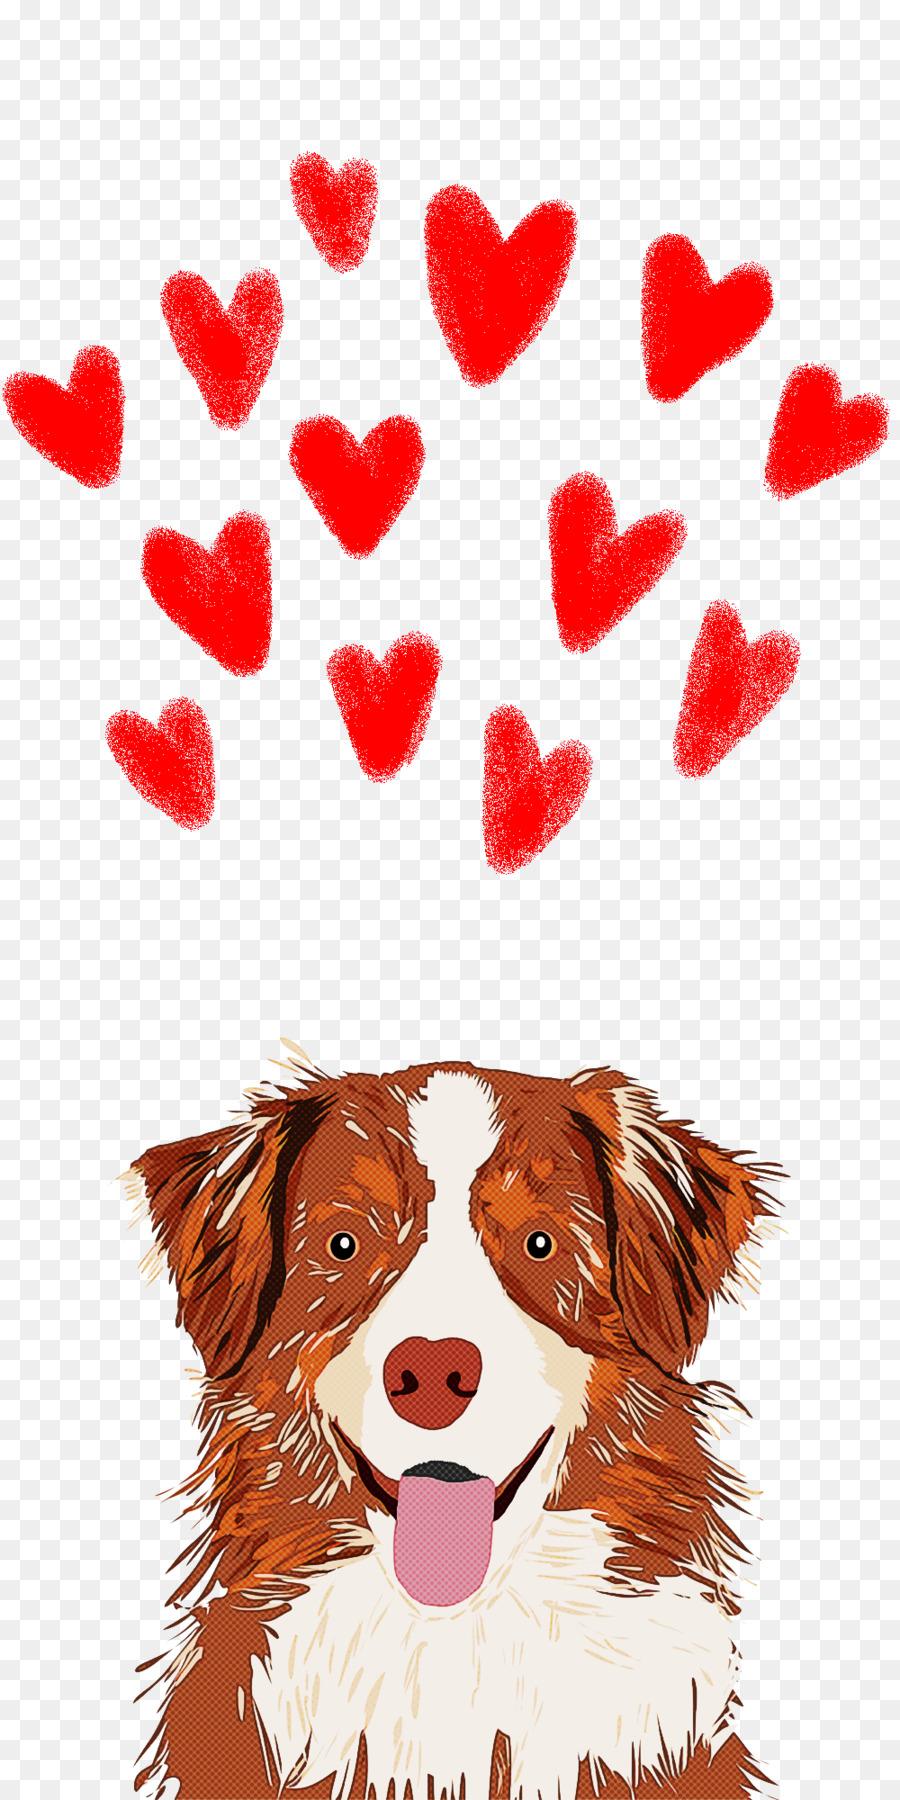 Descarga gratuita de Perro, Corazón, El Amor imágenes PNG